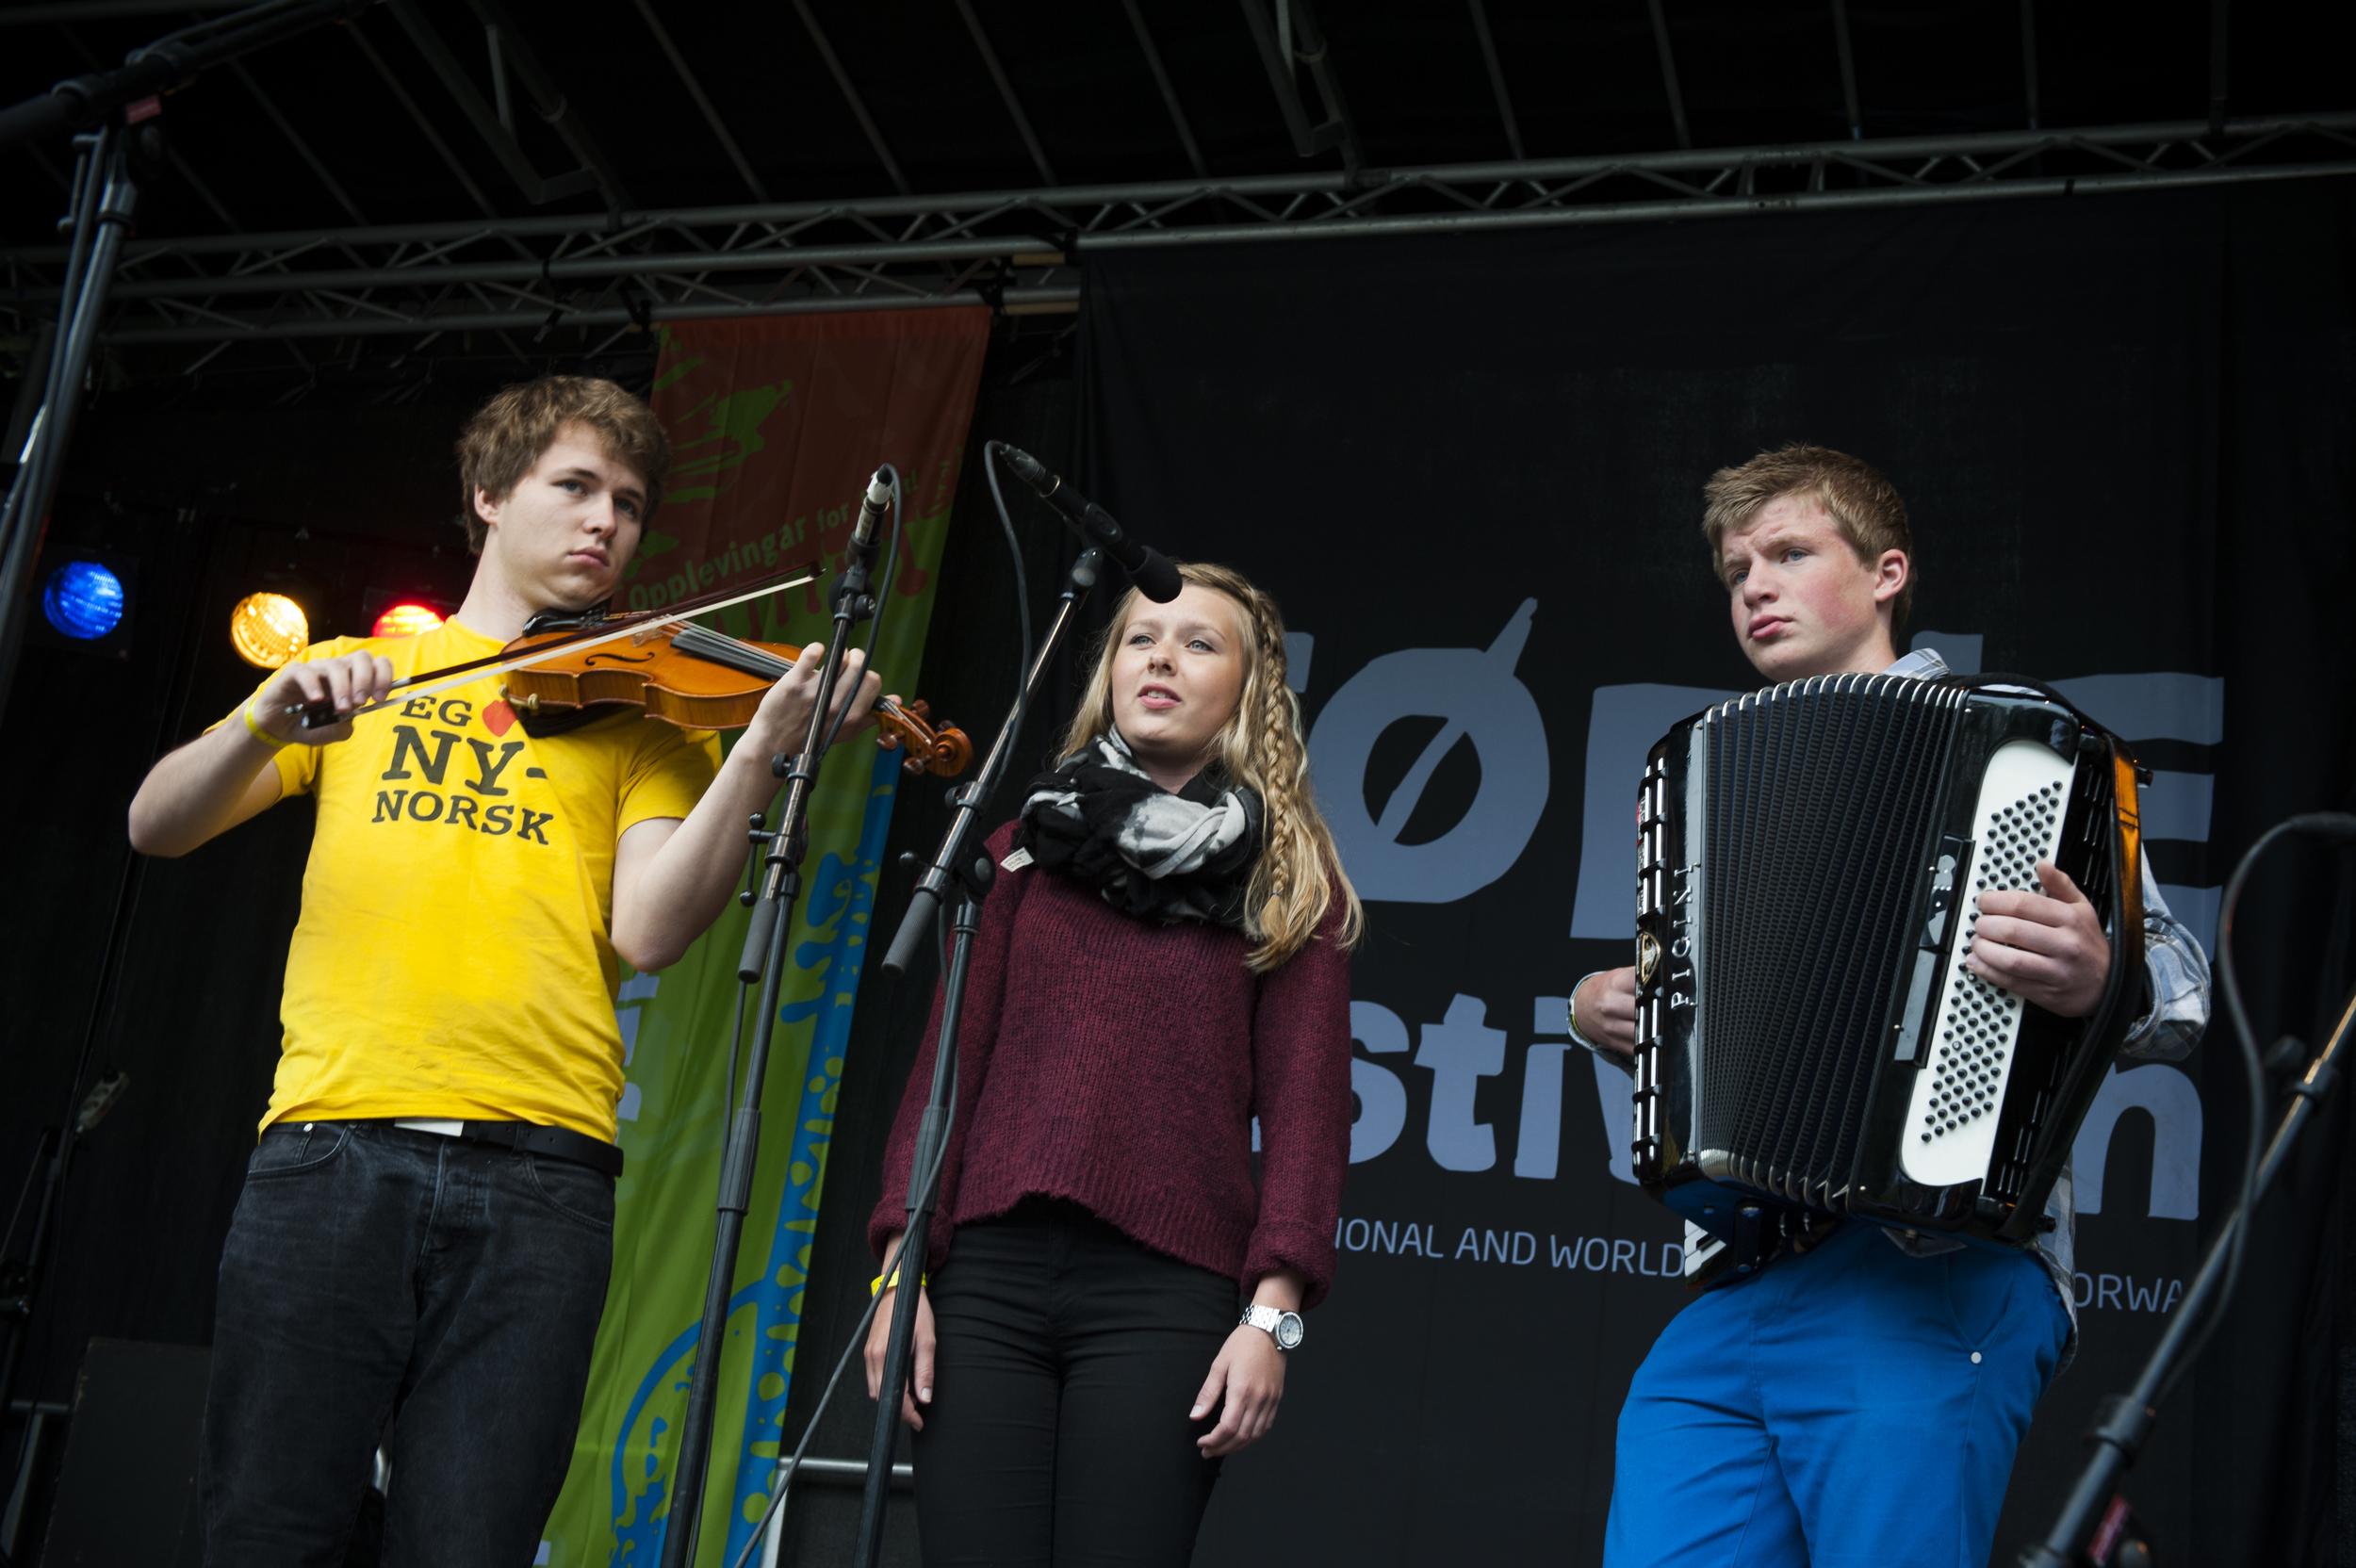 Arve_Ullebø_Festivalfrukost_DSC2348.jpg